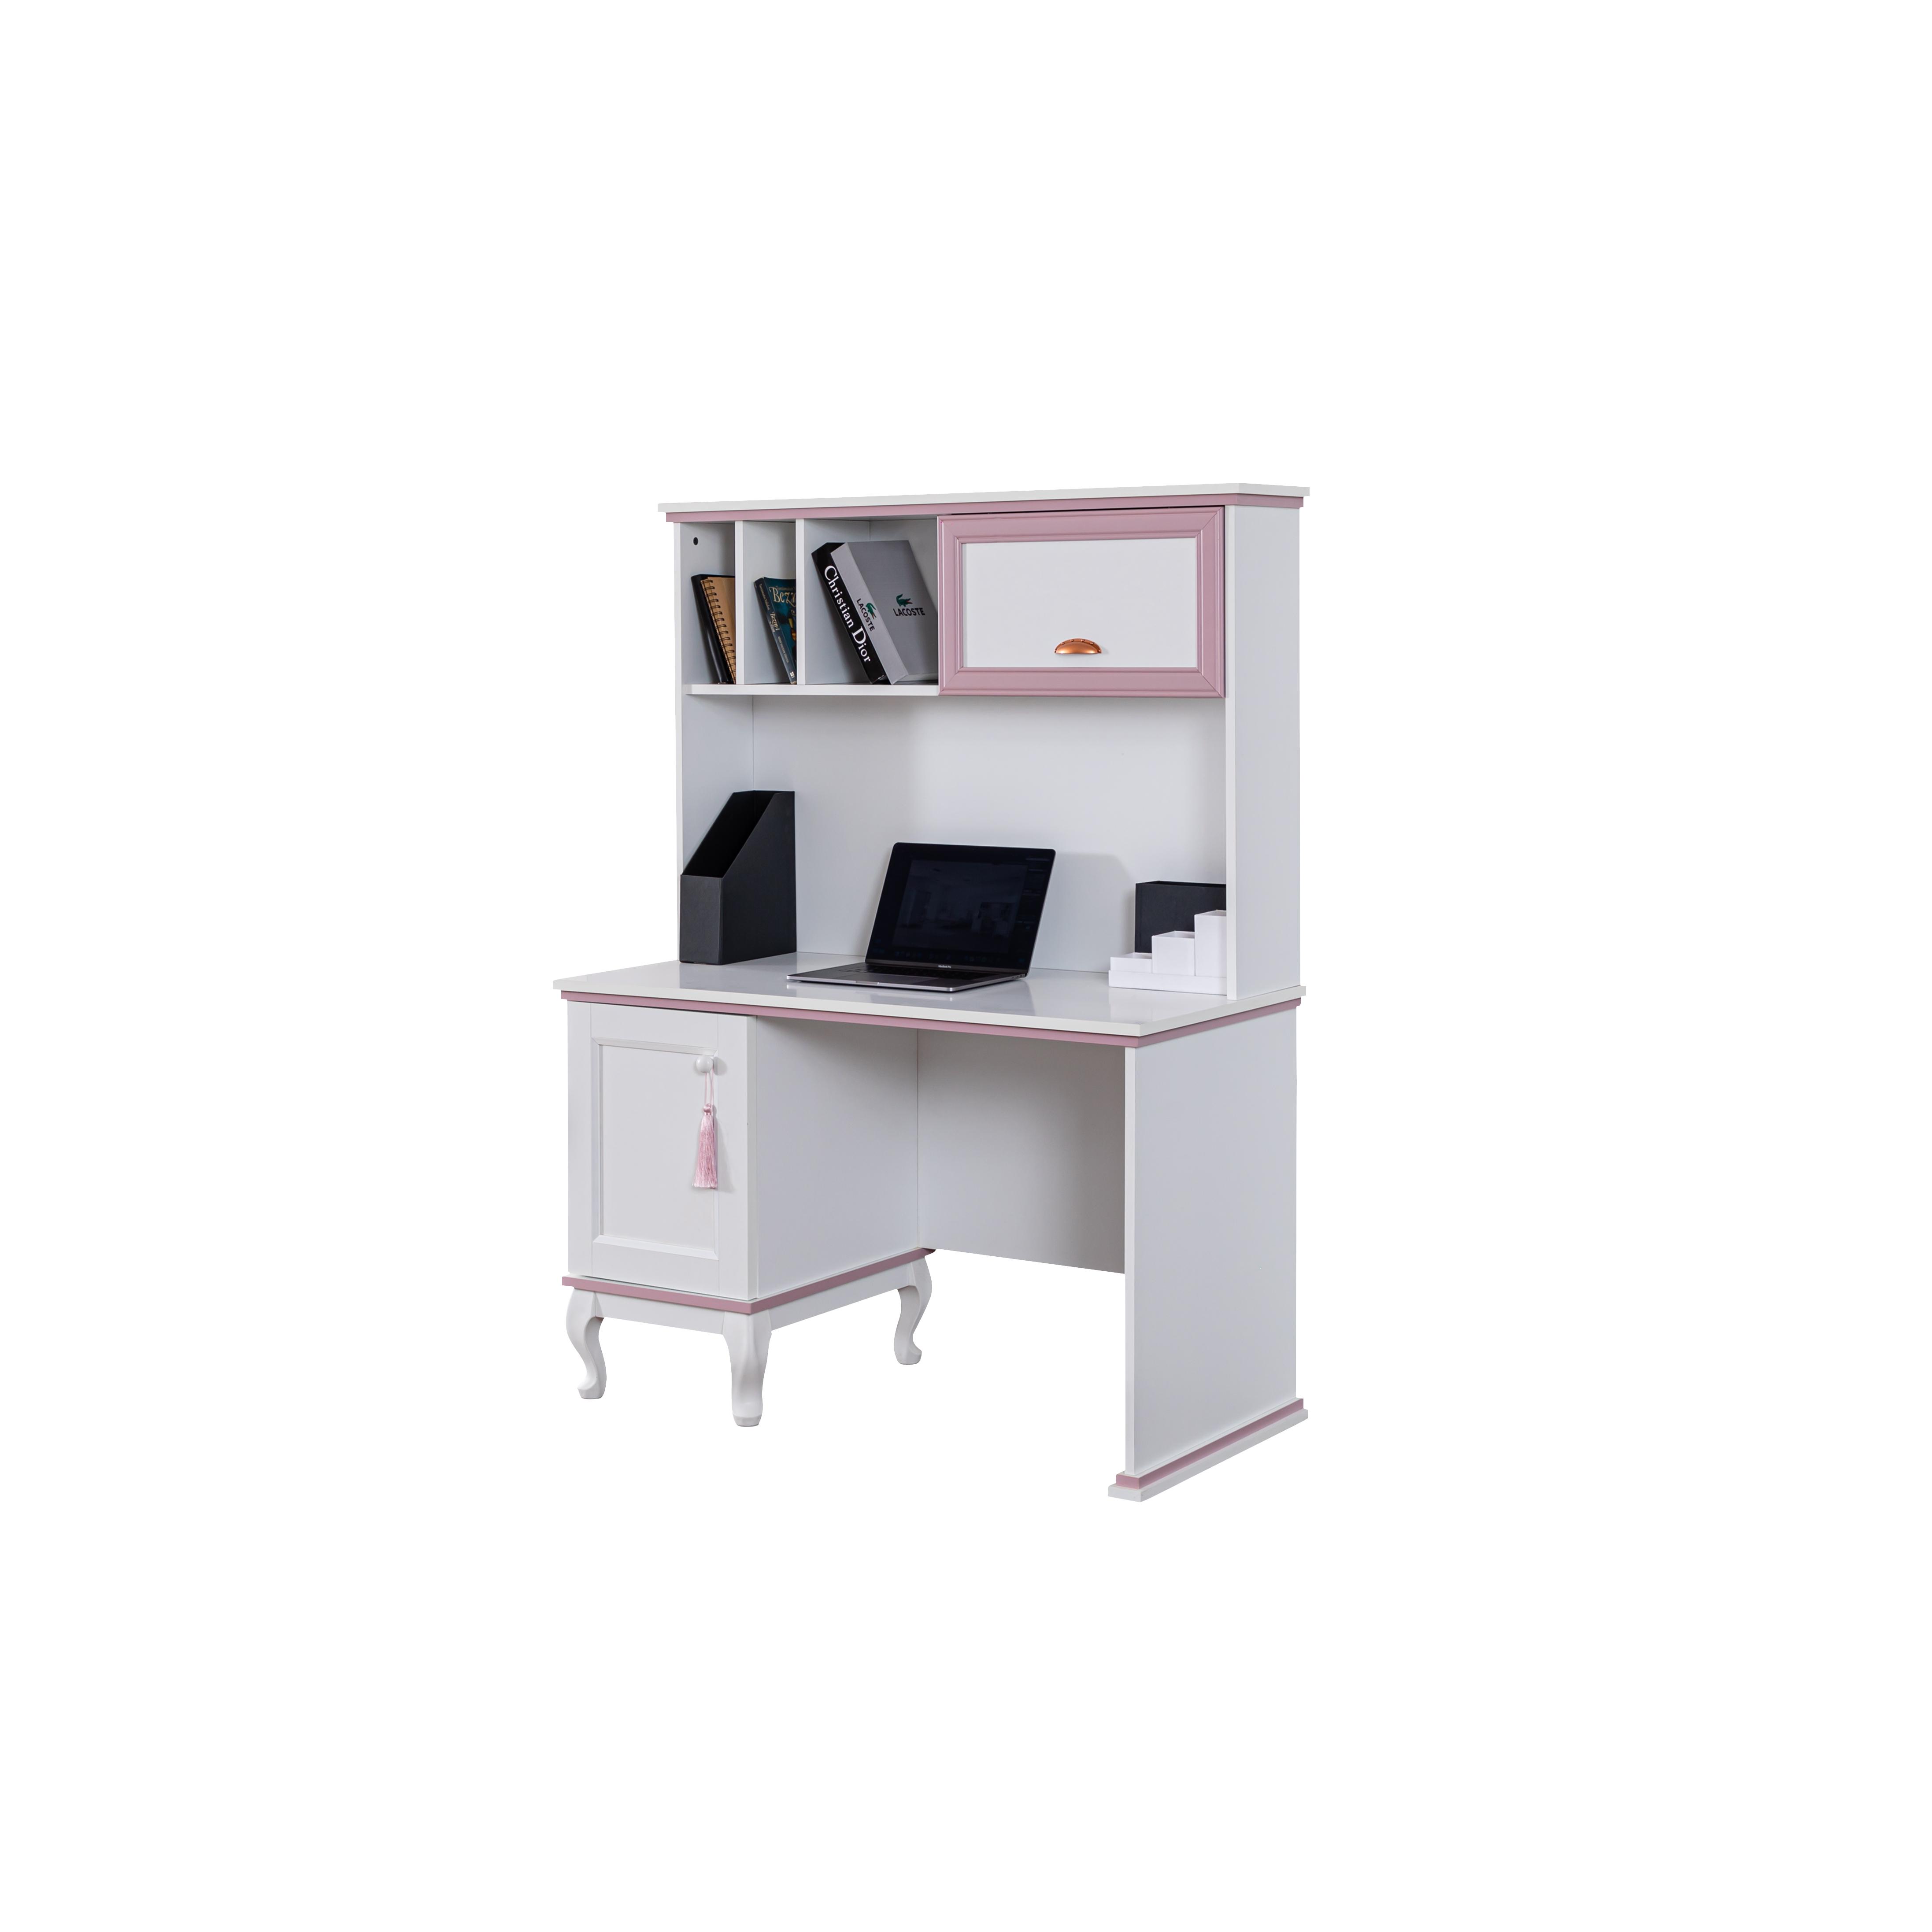 Odacix Schreibtisch Lilyum mit Aufsatz in Weiß Rosa